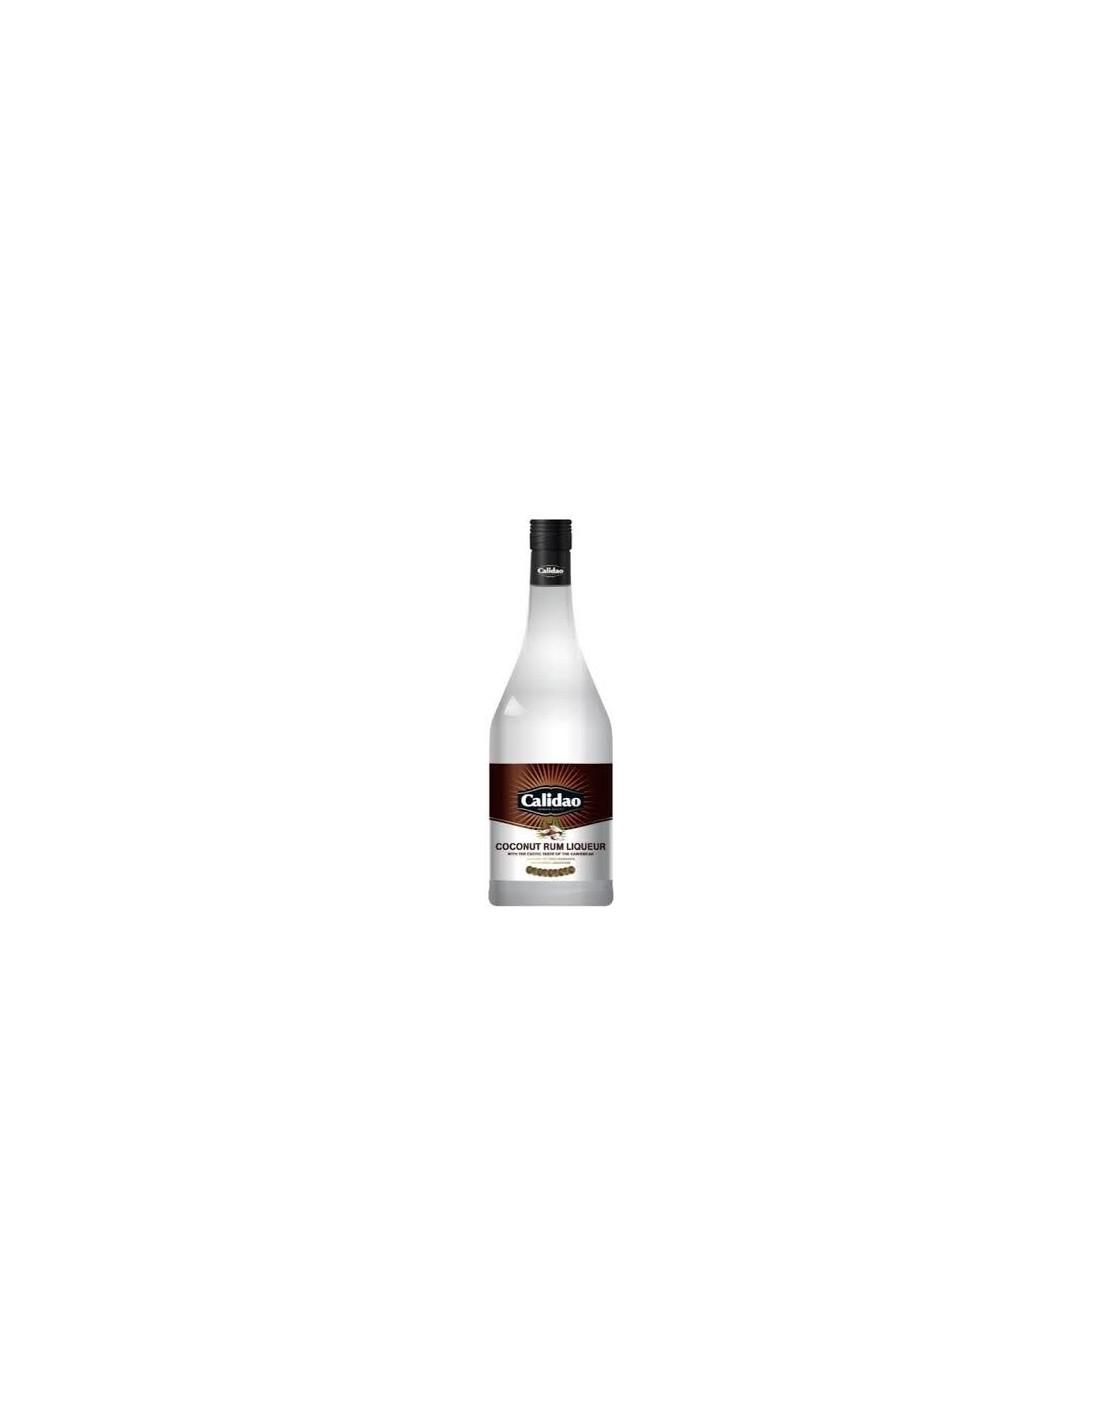 Rom Calidao Coconut, 21% alc., 0.7L